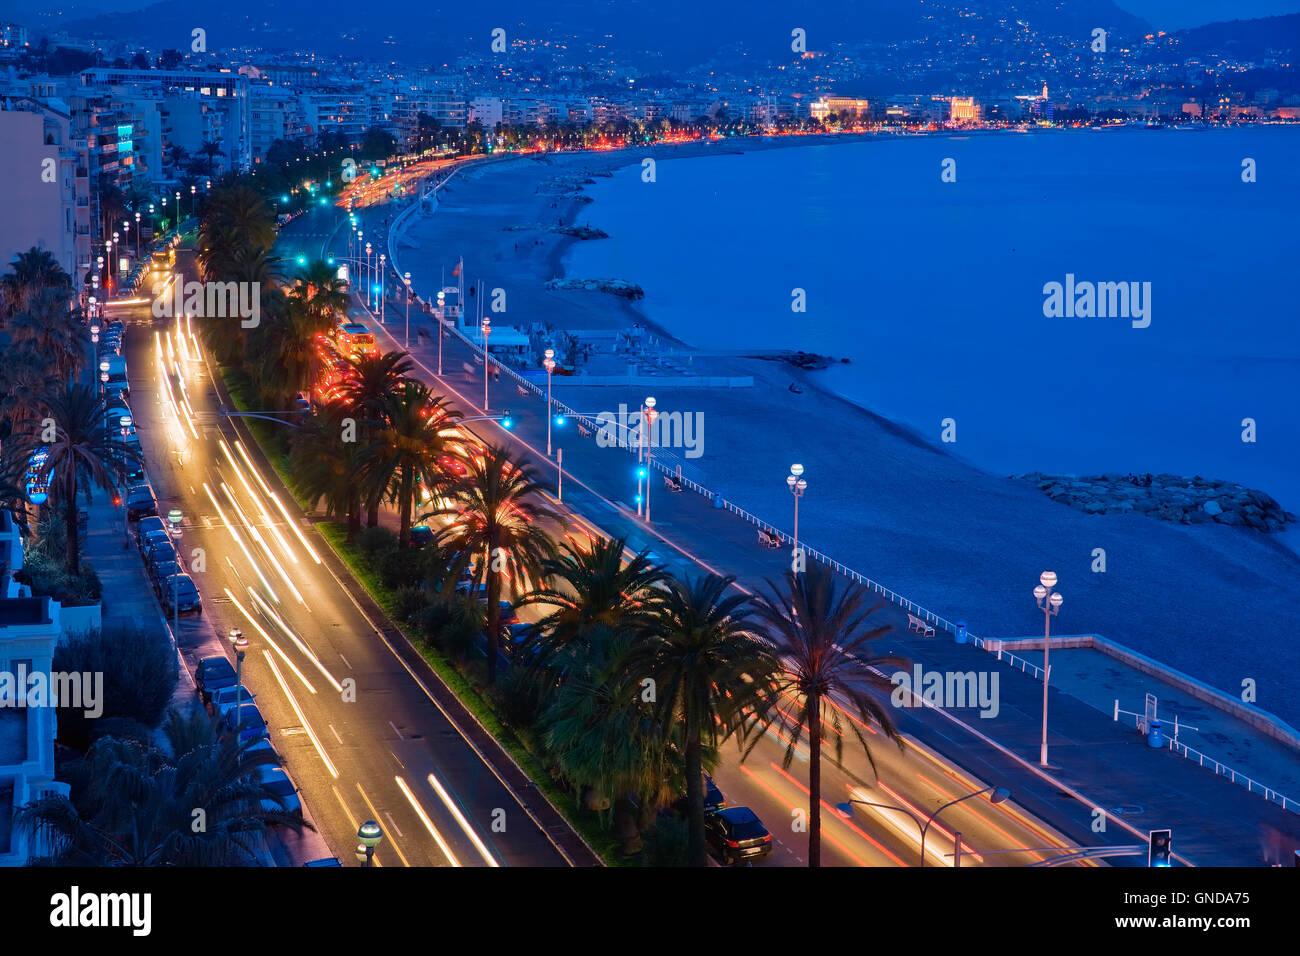 La Promenade des Anglais di notte a Nizza, Francia Immagini Stock